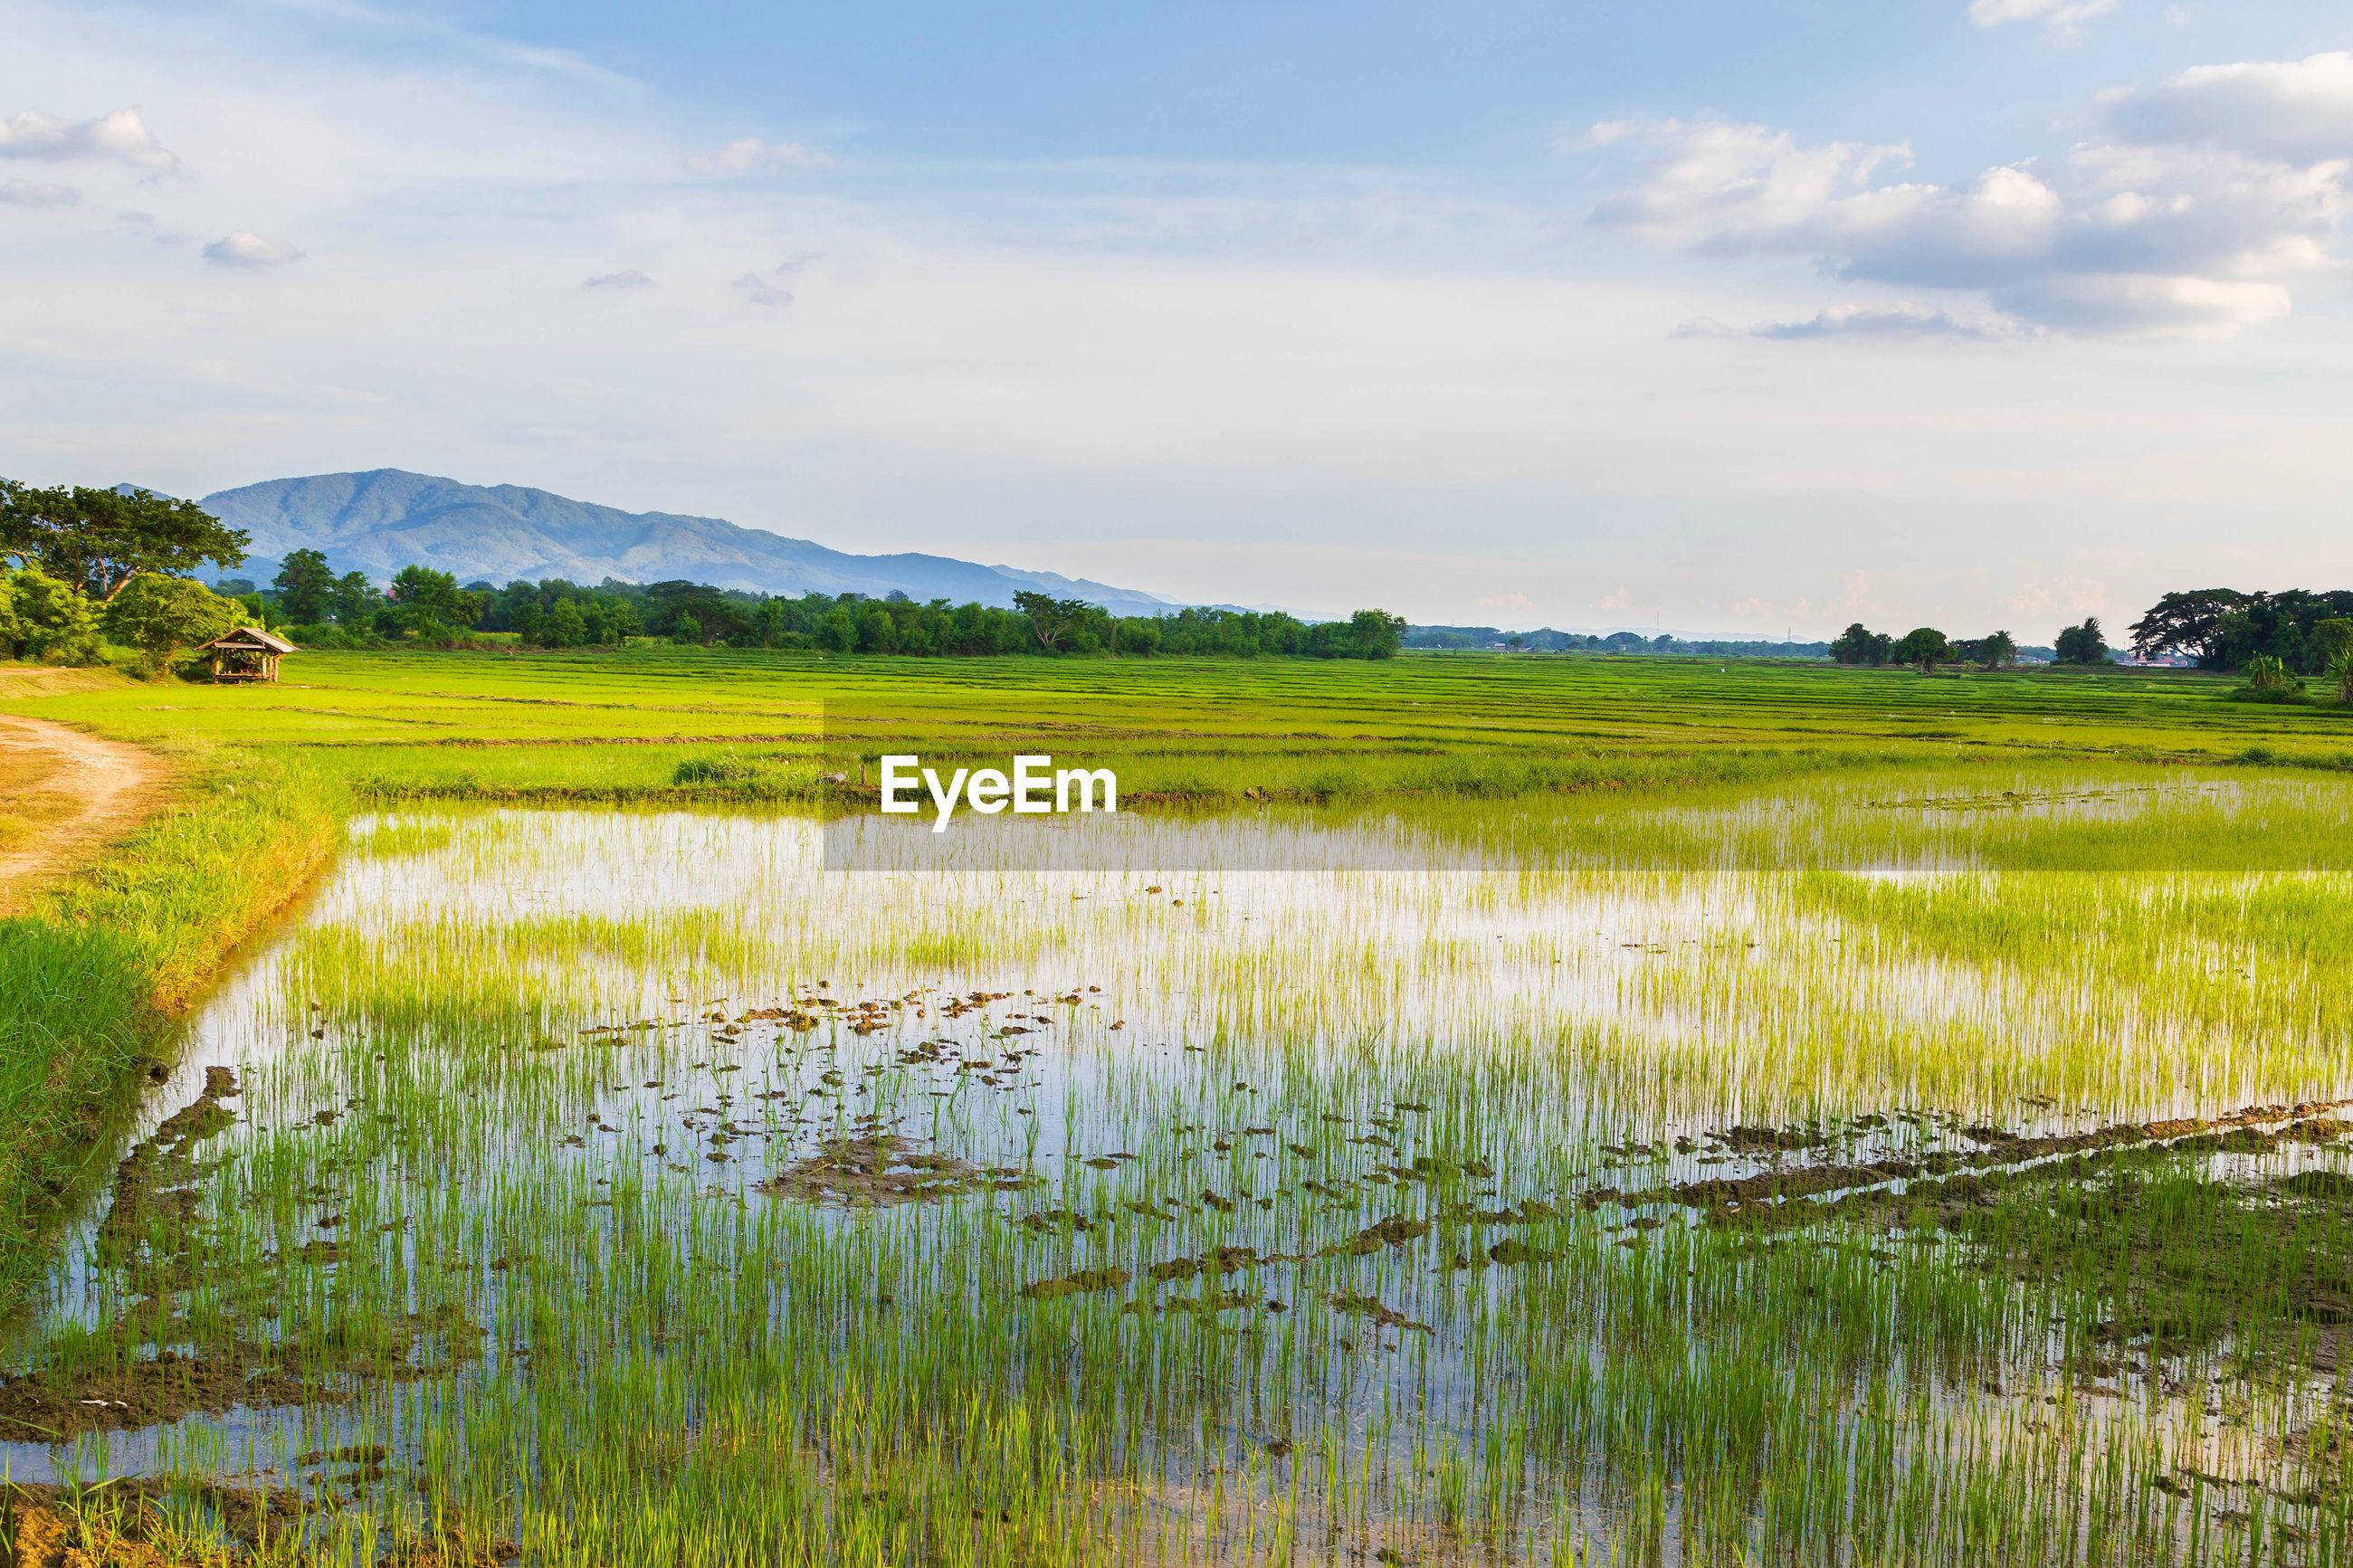 SCENIC VIEW OF GRASSY LANDSCAPE